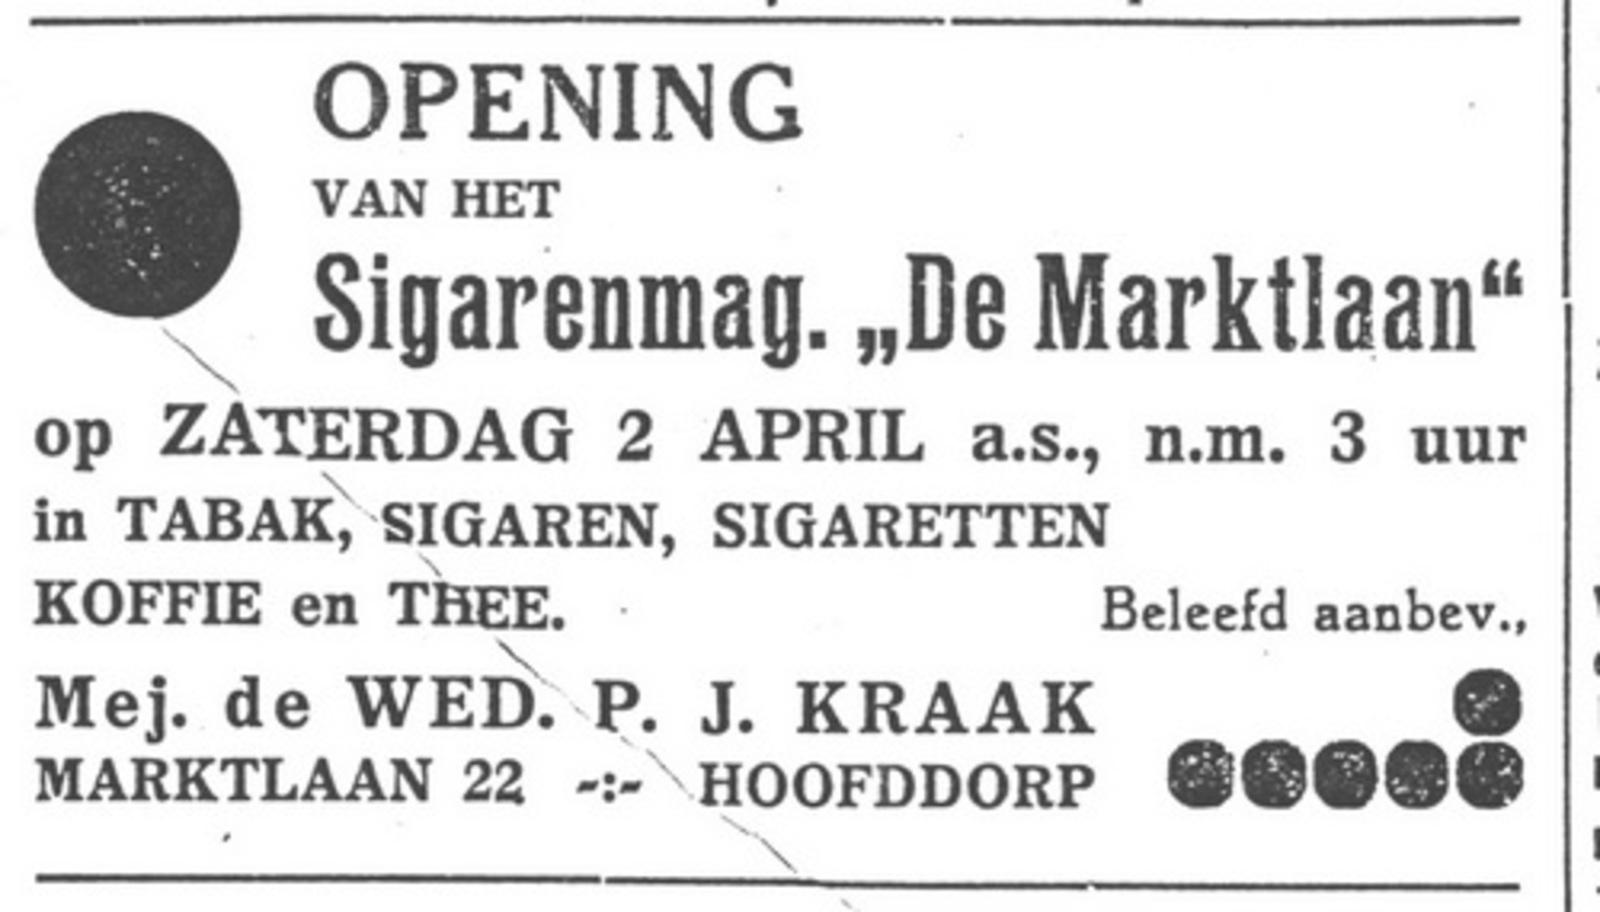 Marktlaan O 0022 1938 Sigarenboer Kraak Opening 01